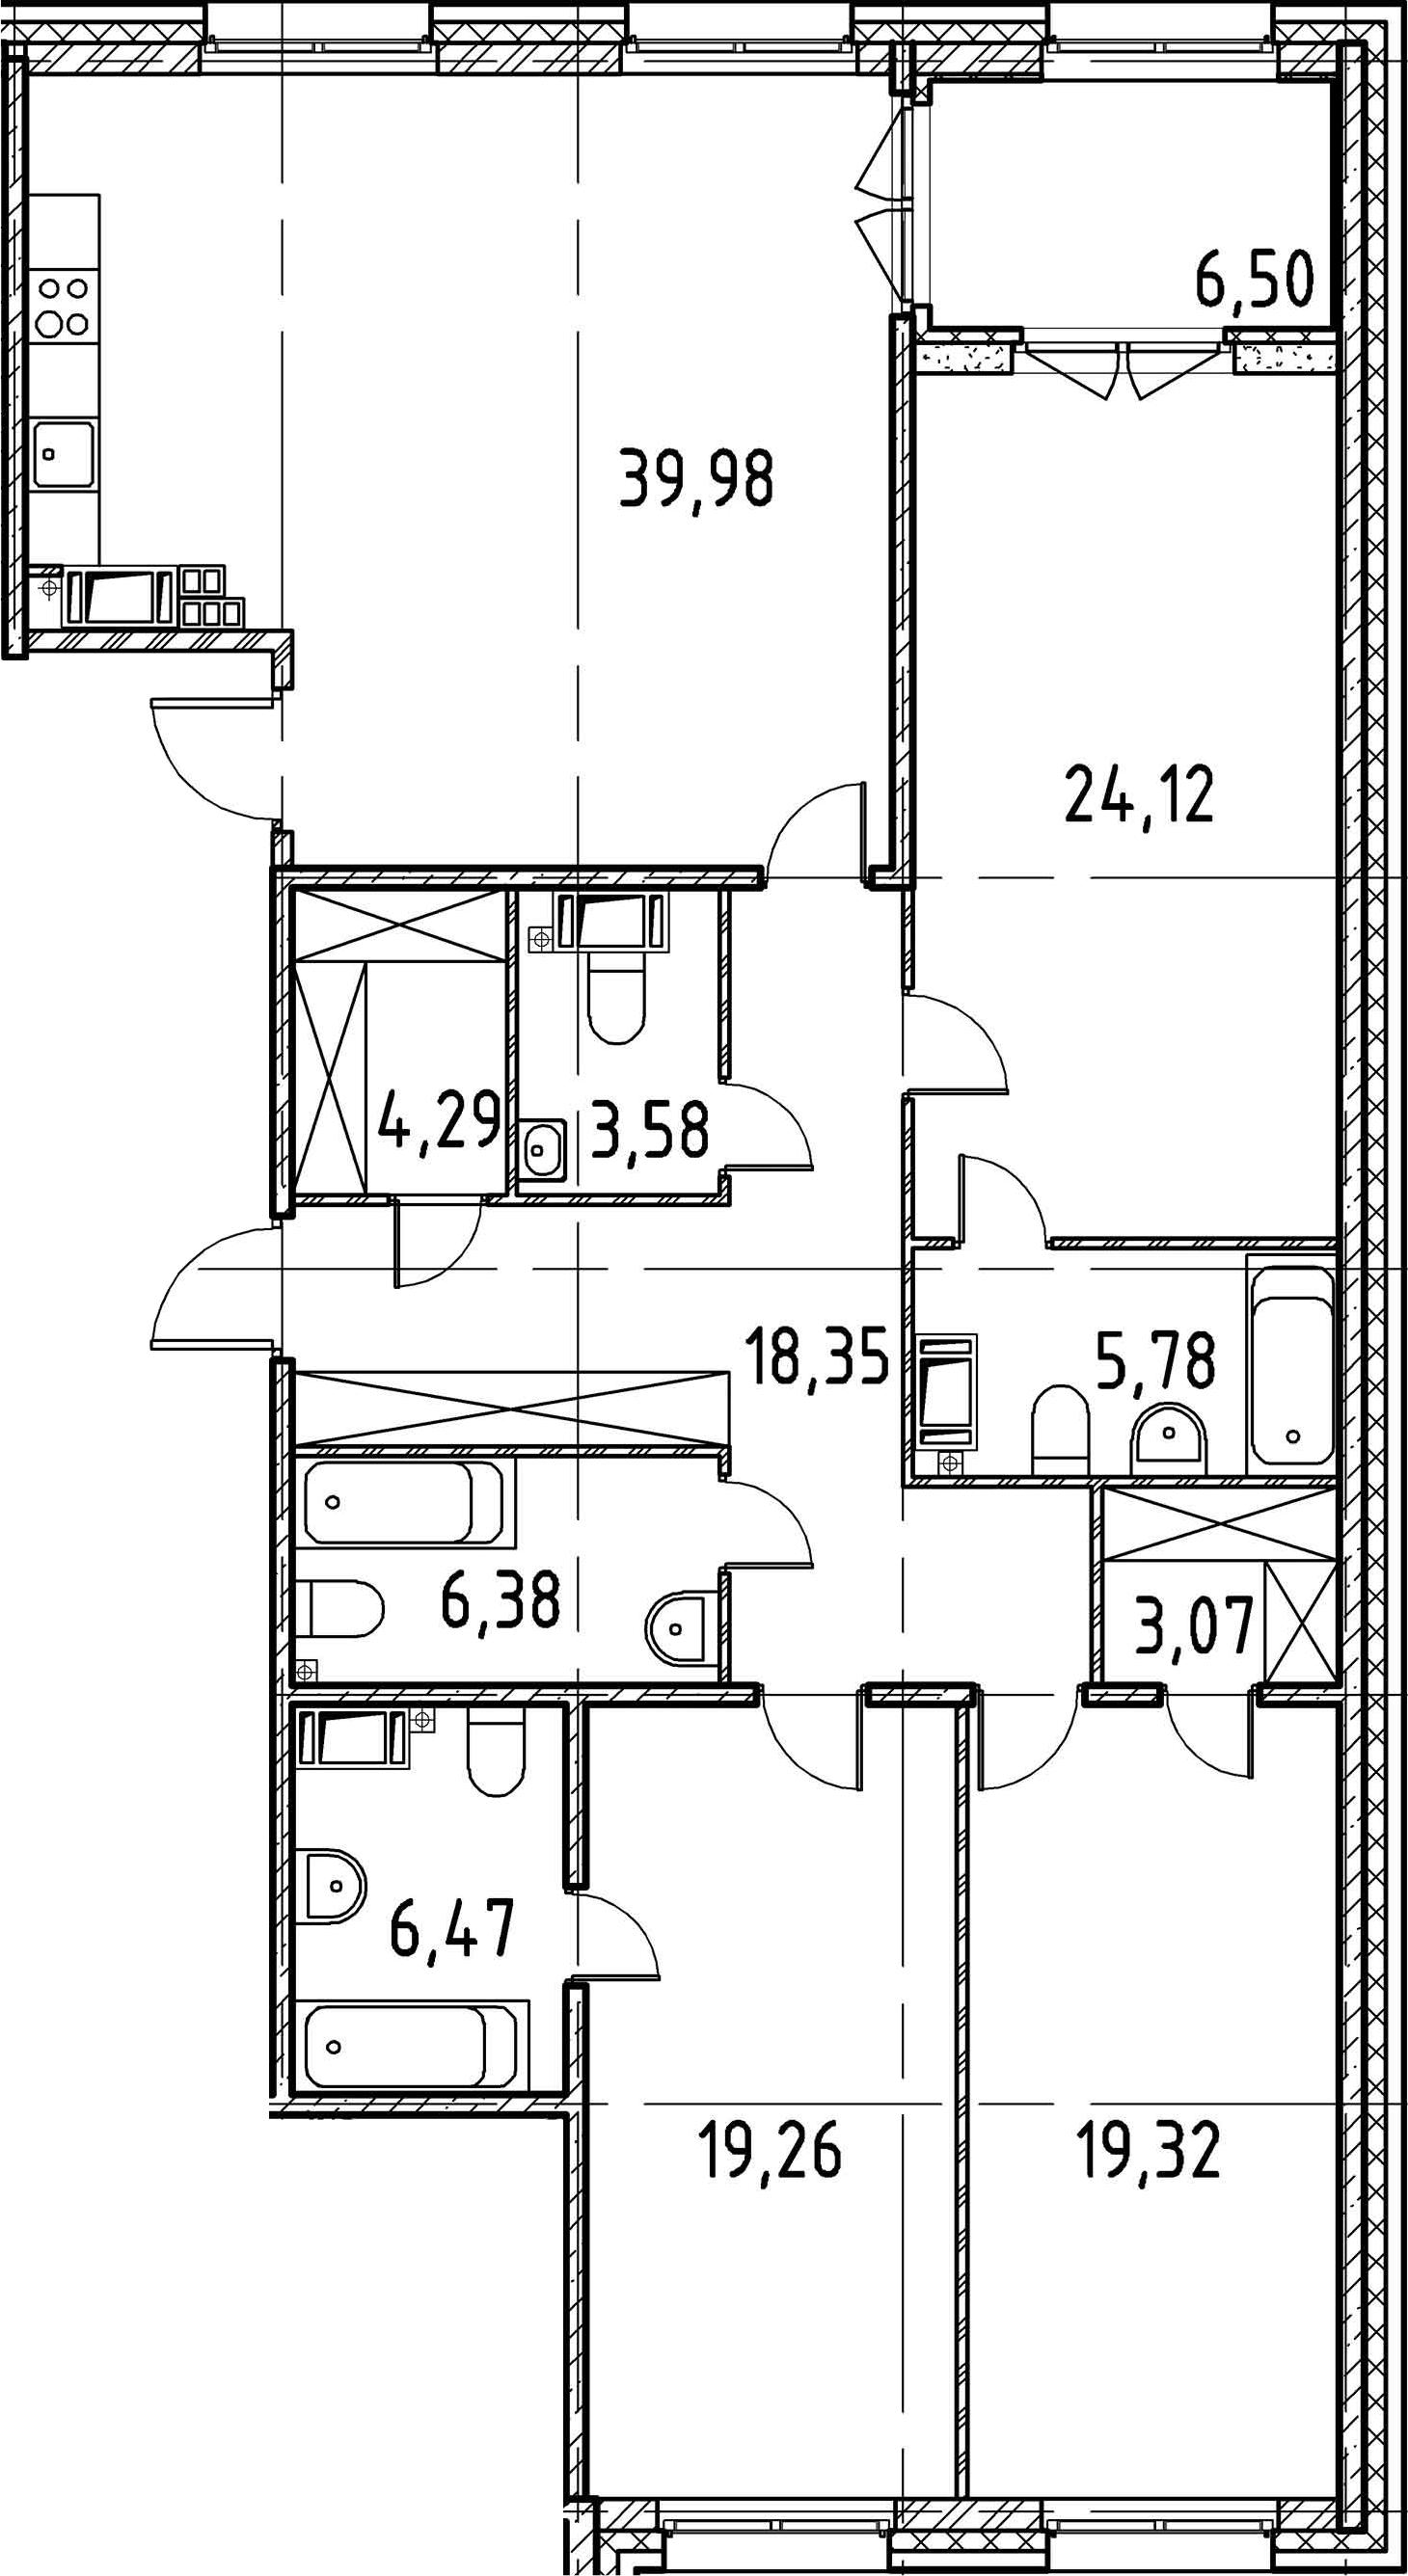 3-комнатная, 150.6 м²– 2